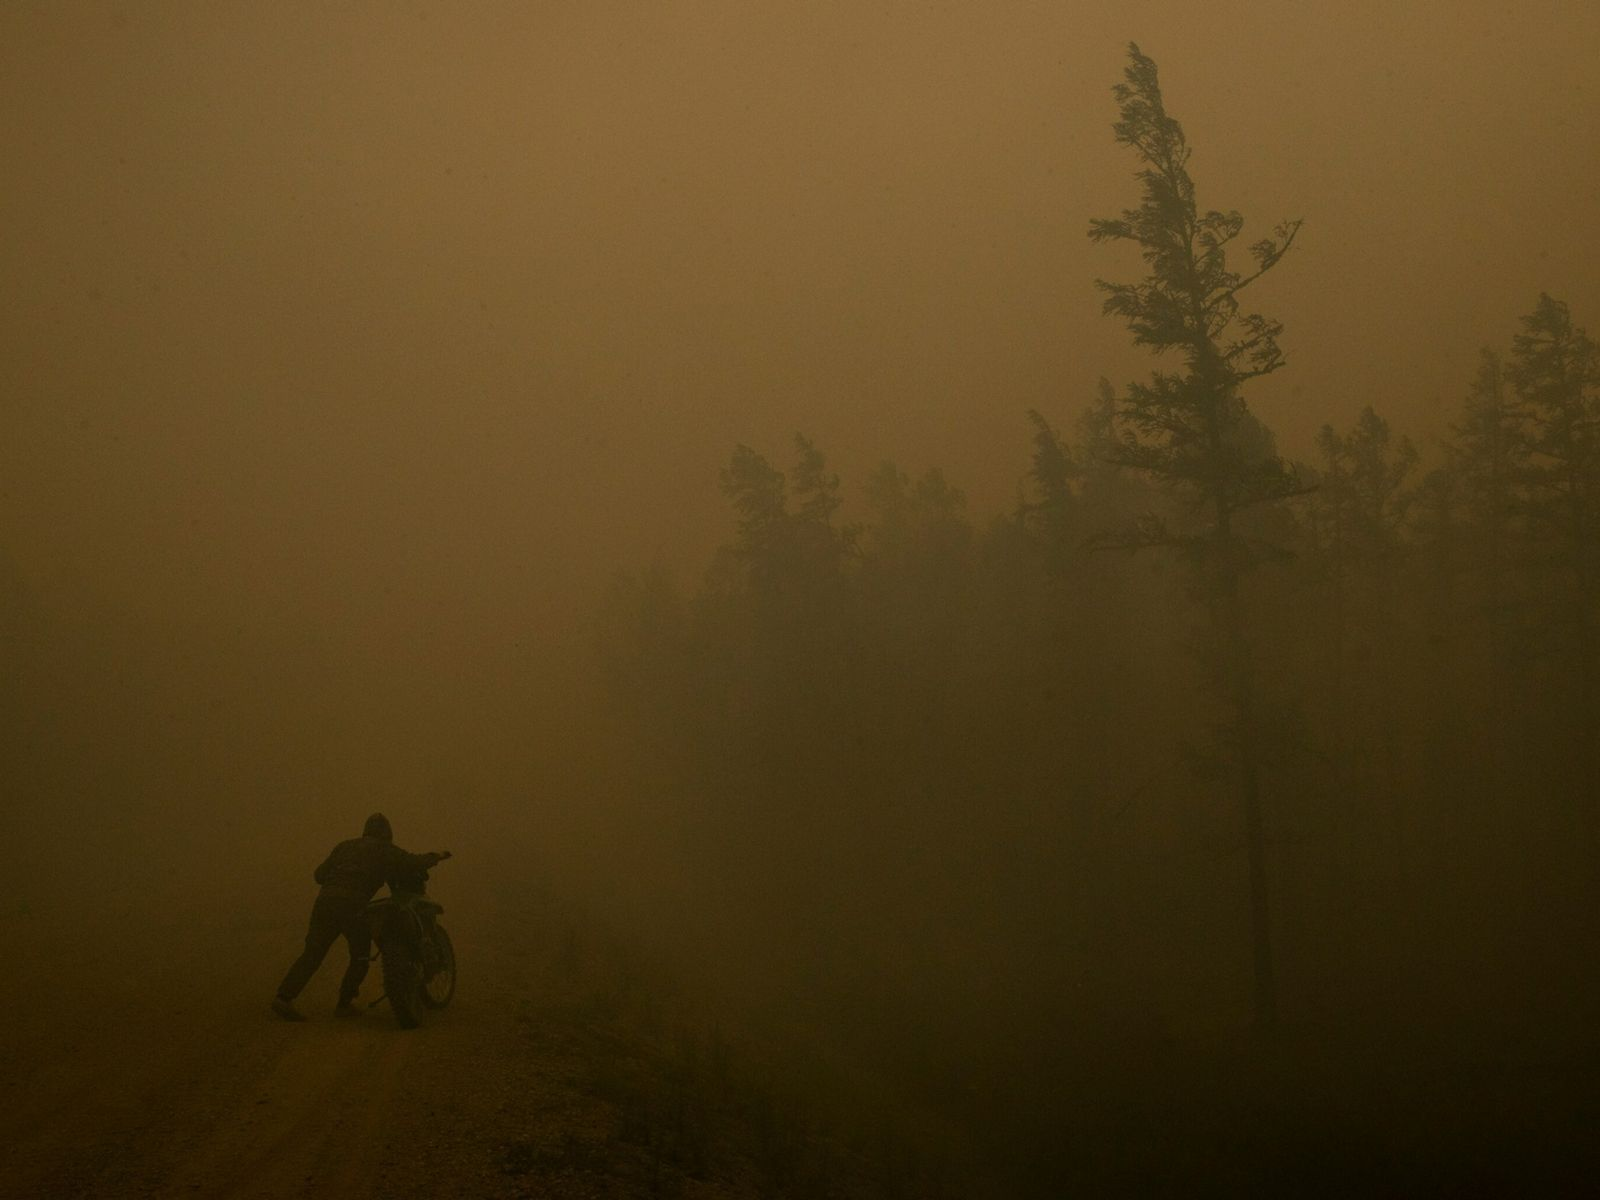 Ein freiwilliger Feuerwehrmann, schiebt sein Motorrad durch dichten Rauch zu einem Waldbrandeinsatz in der Republik Sacha, ...